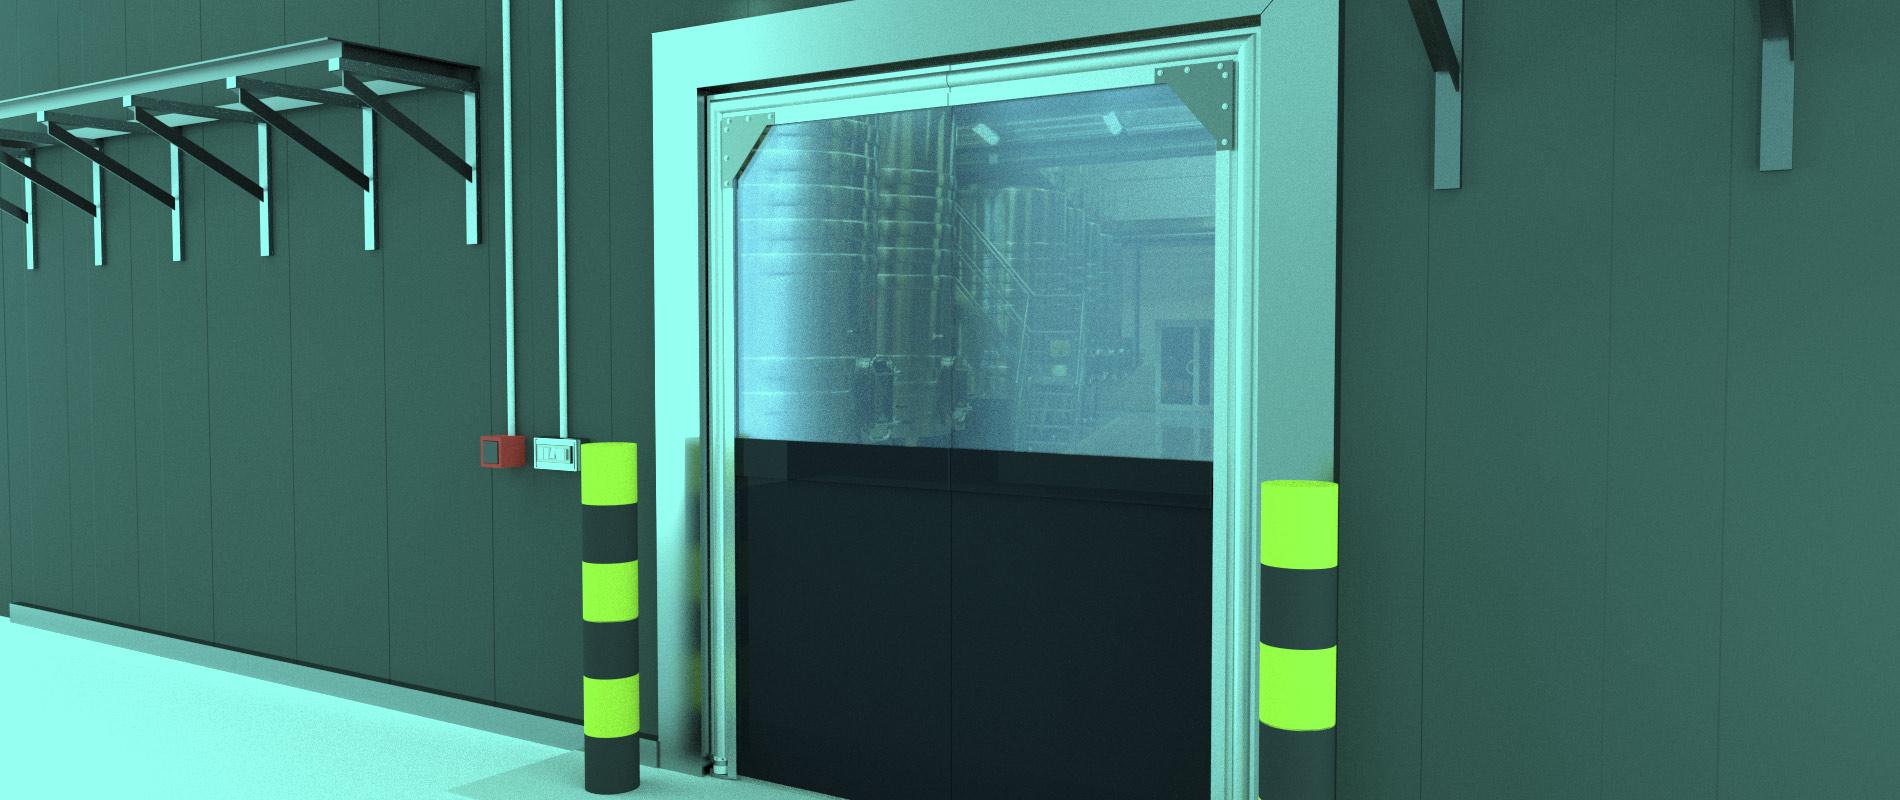 & Crash Doors | Flexible PVC Crash Doors